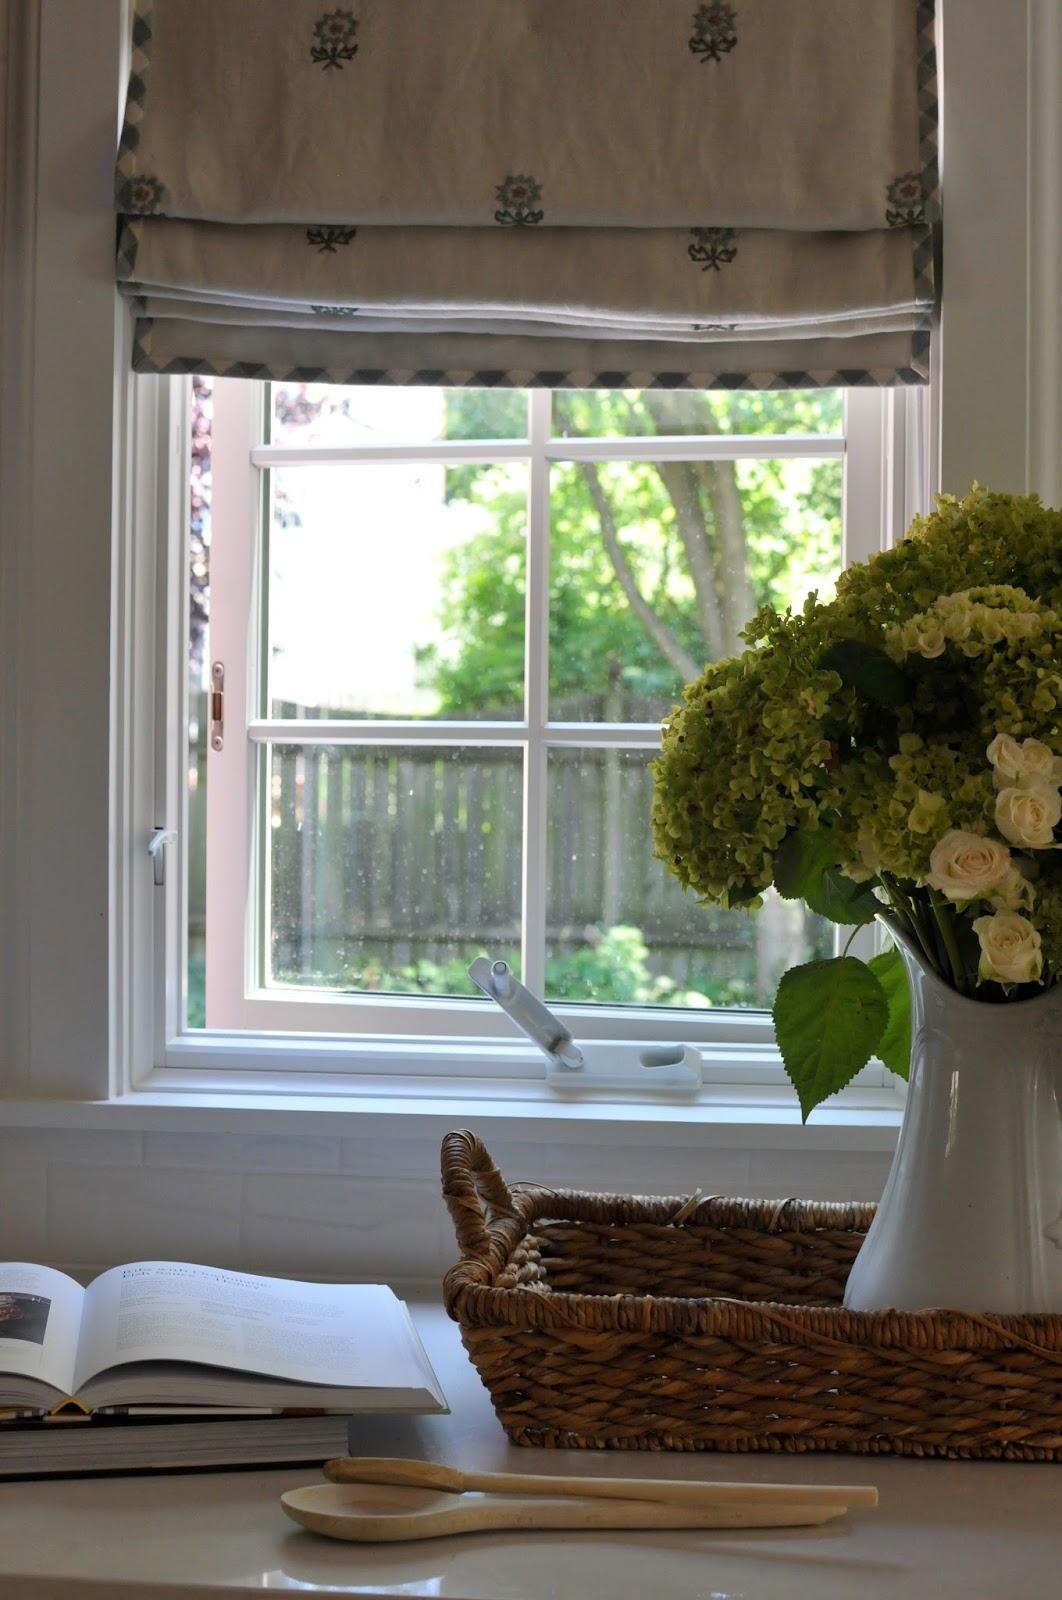 NINE + SIXTEEN: My Work || A Charming Cottage Kitchen